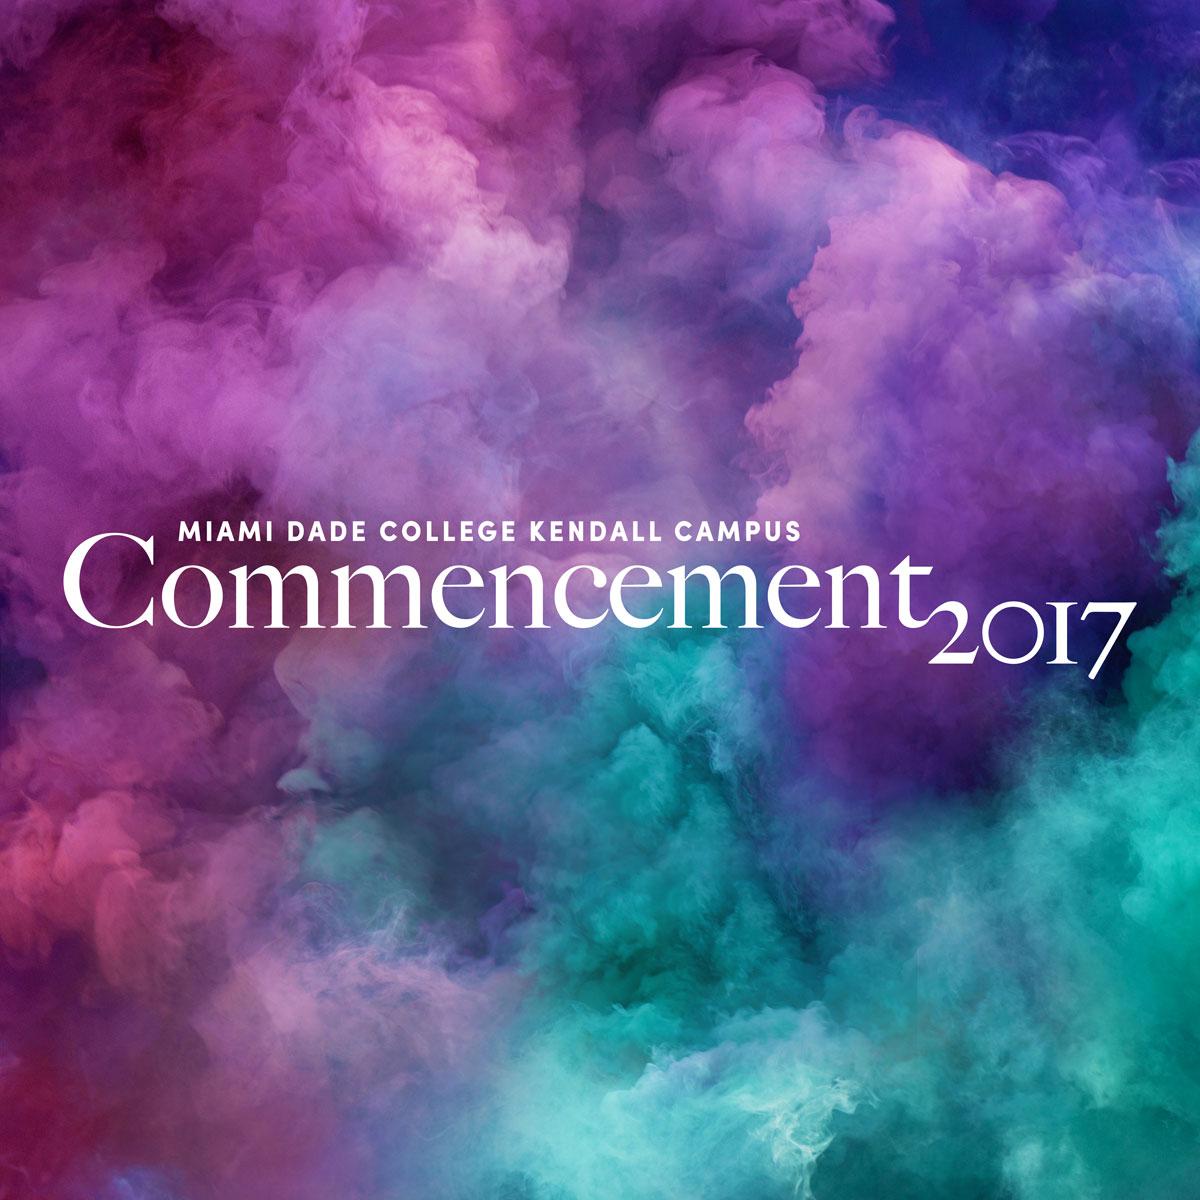 commencment_2017smoke_IG.jpg